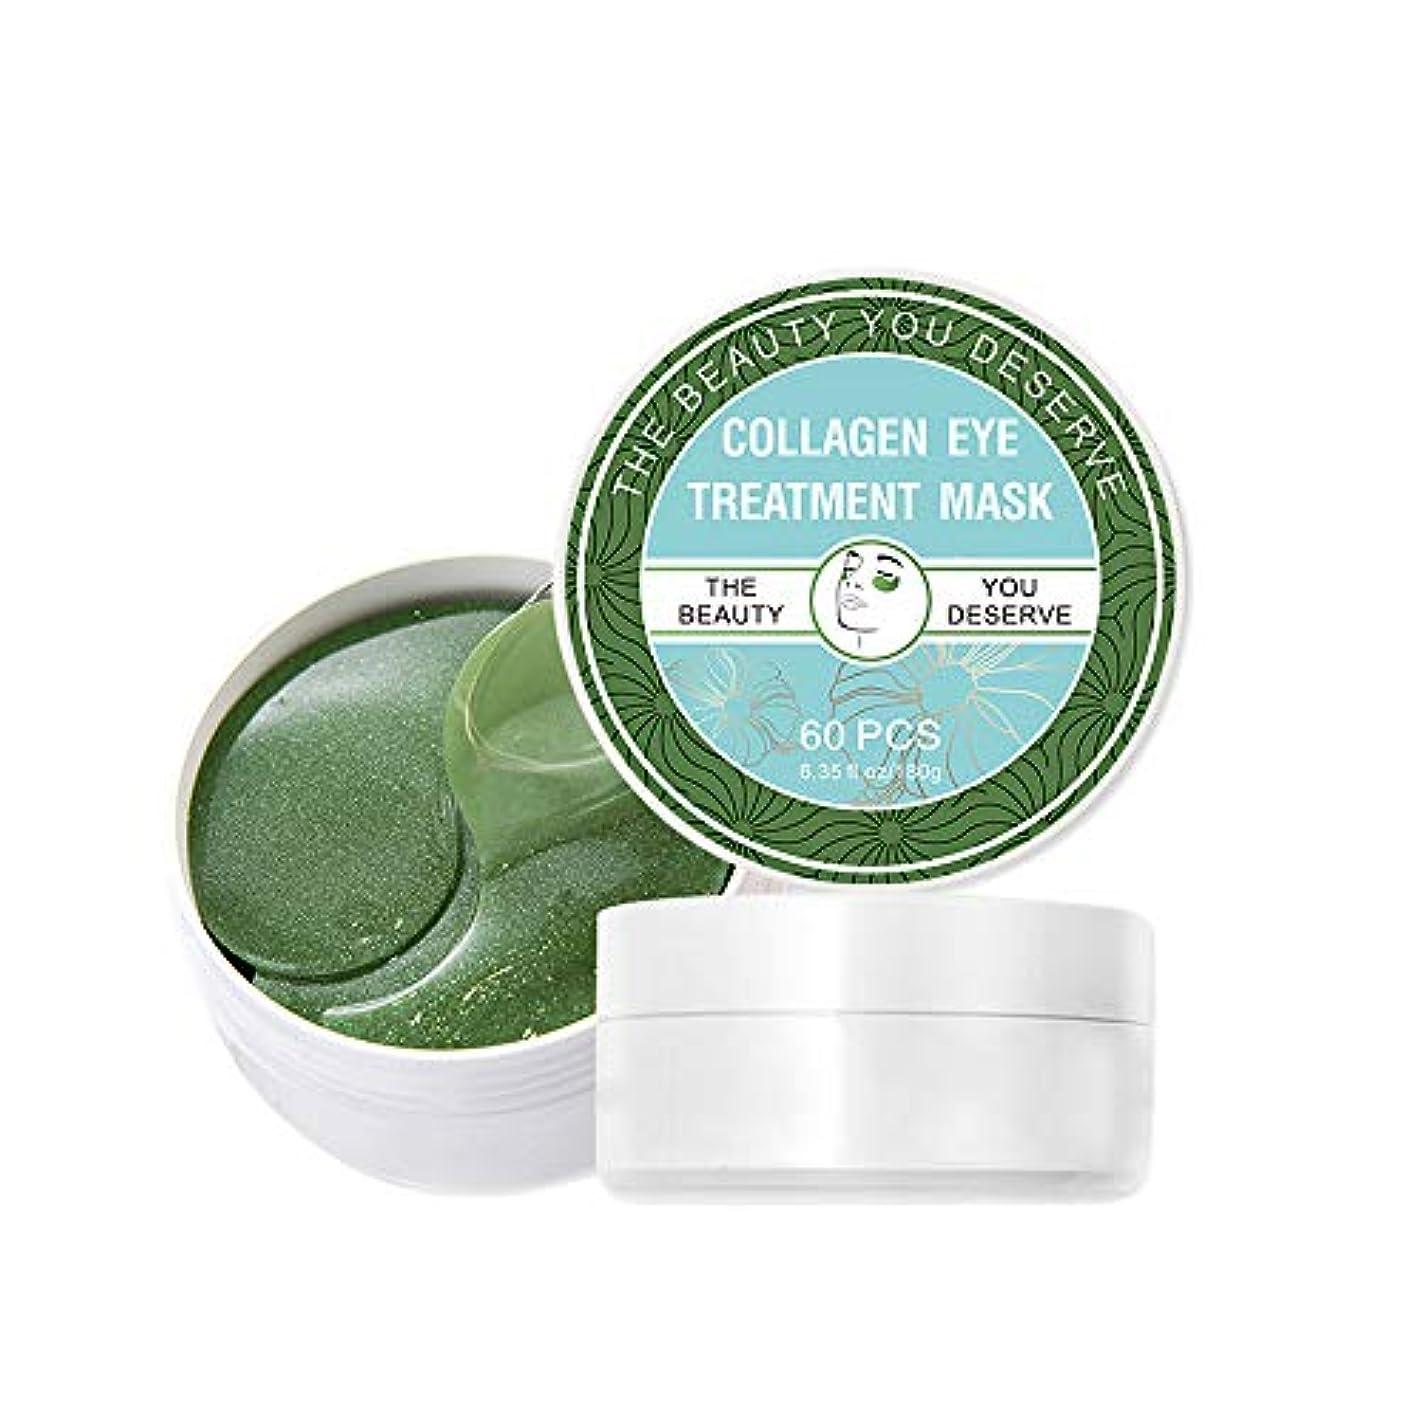 仲間ぶどうオートメーションアイトリートメントマスク、コラーゲンアイマスク海藻エキスアンダーエイジングヒアルロン酸アイパッチモイスチャライジング&ダークサークル低減のためのアイパッチジェルのしわ